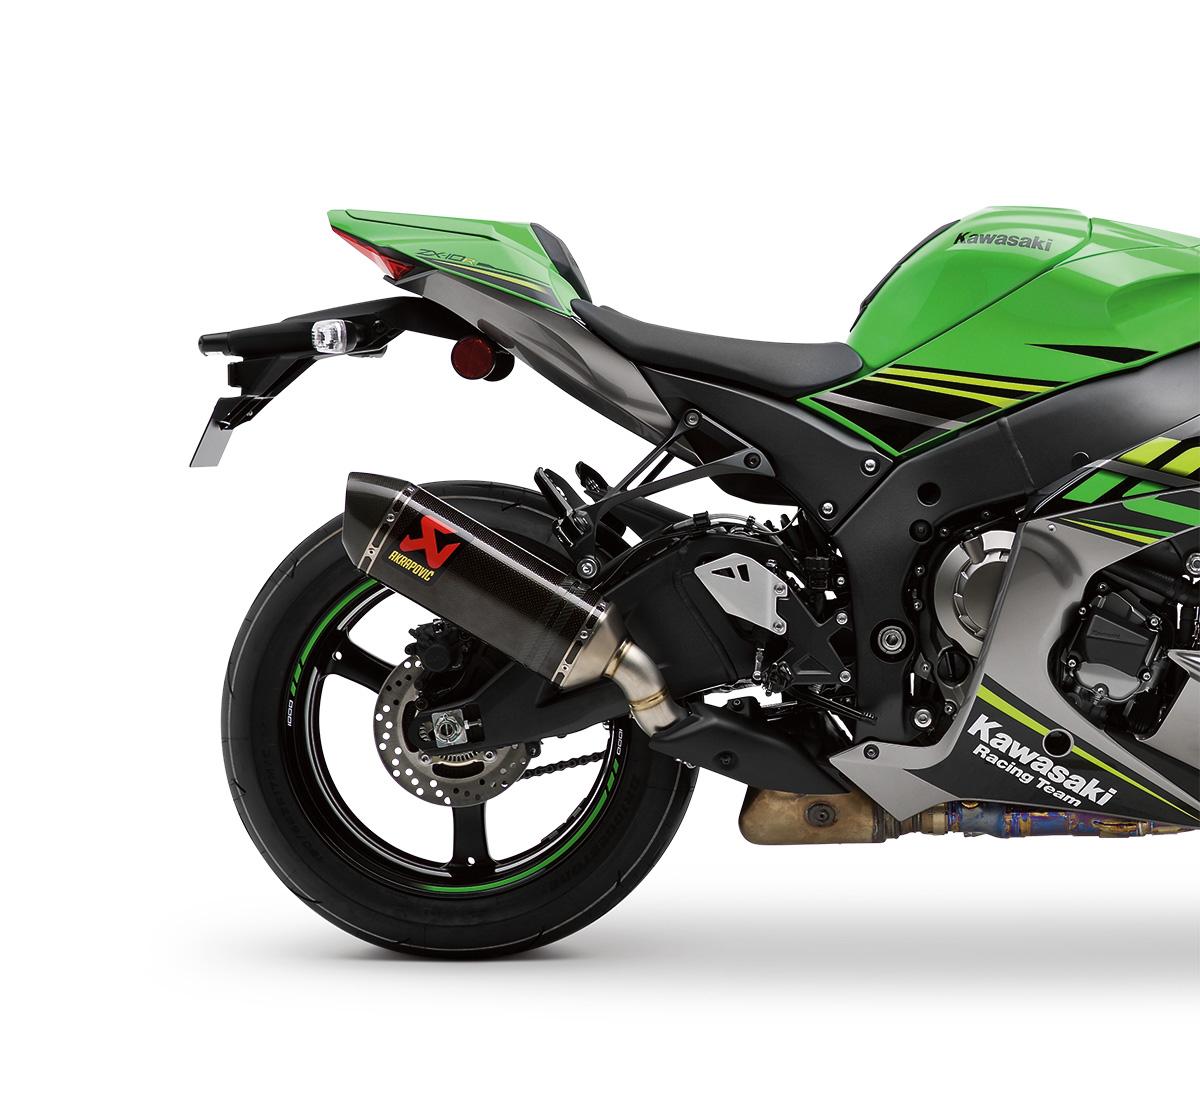 2019 Ninja Zx 10r Abs Ninja Motorcycle By Kawasaki